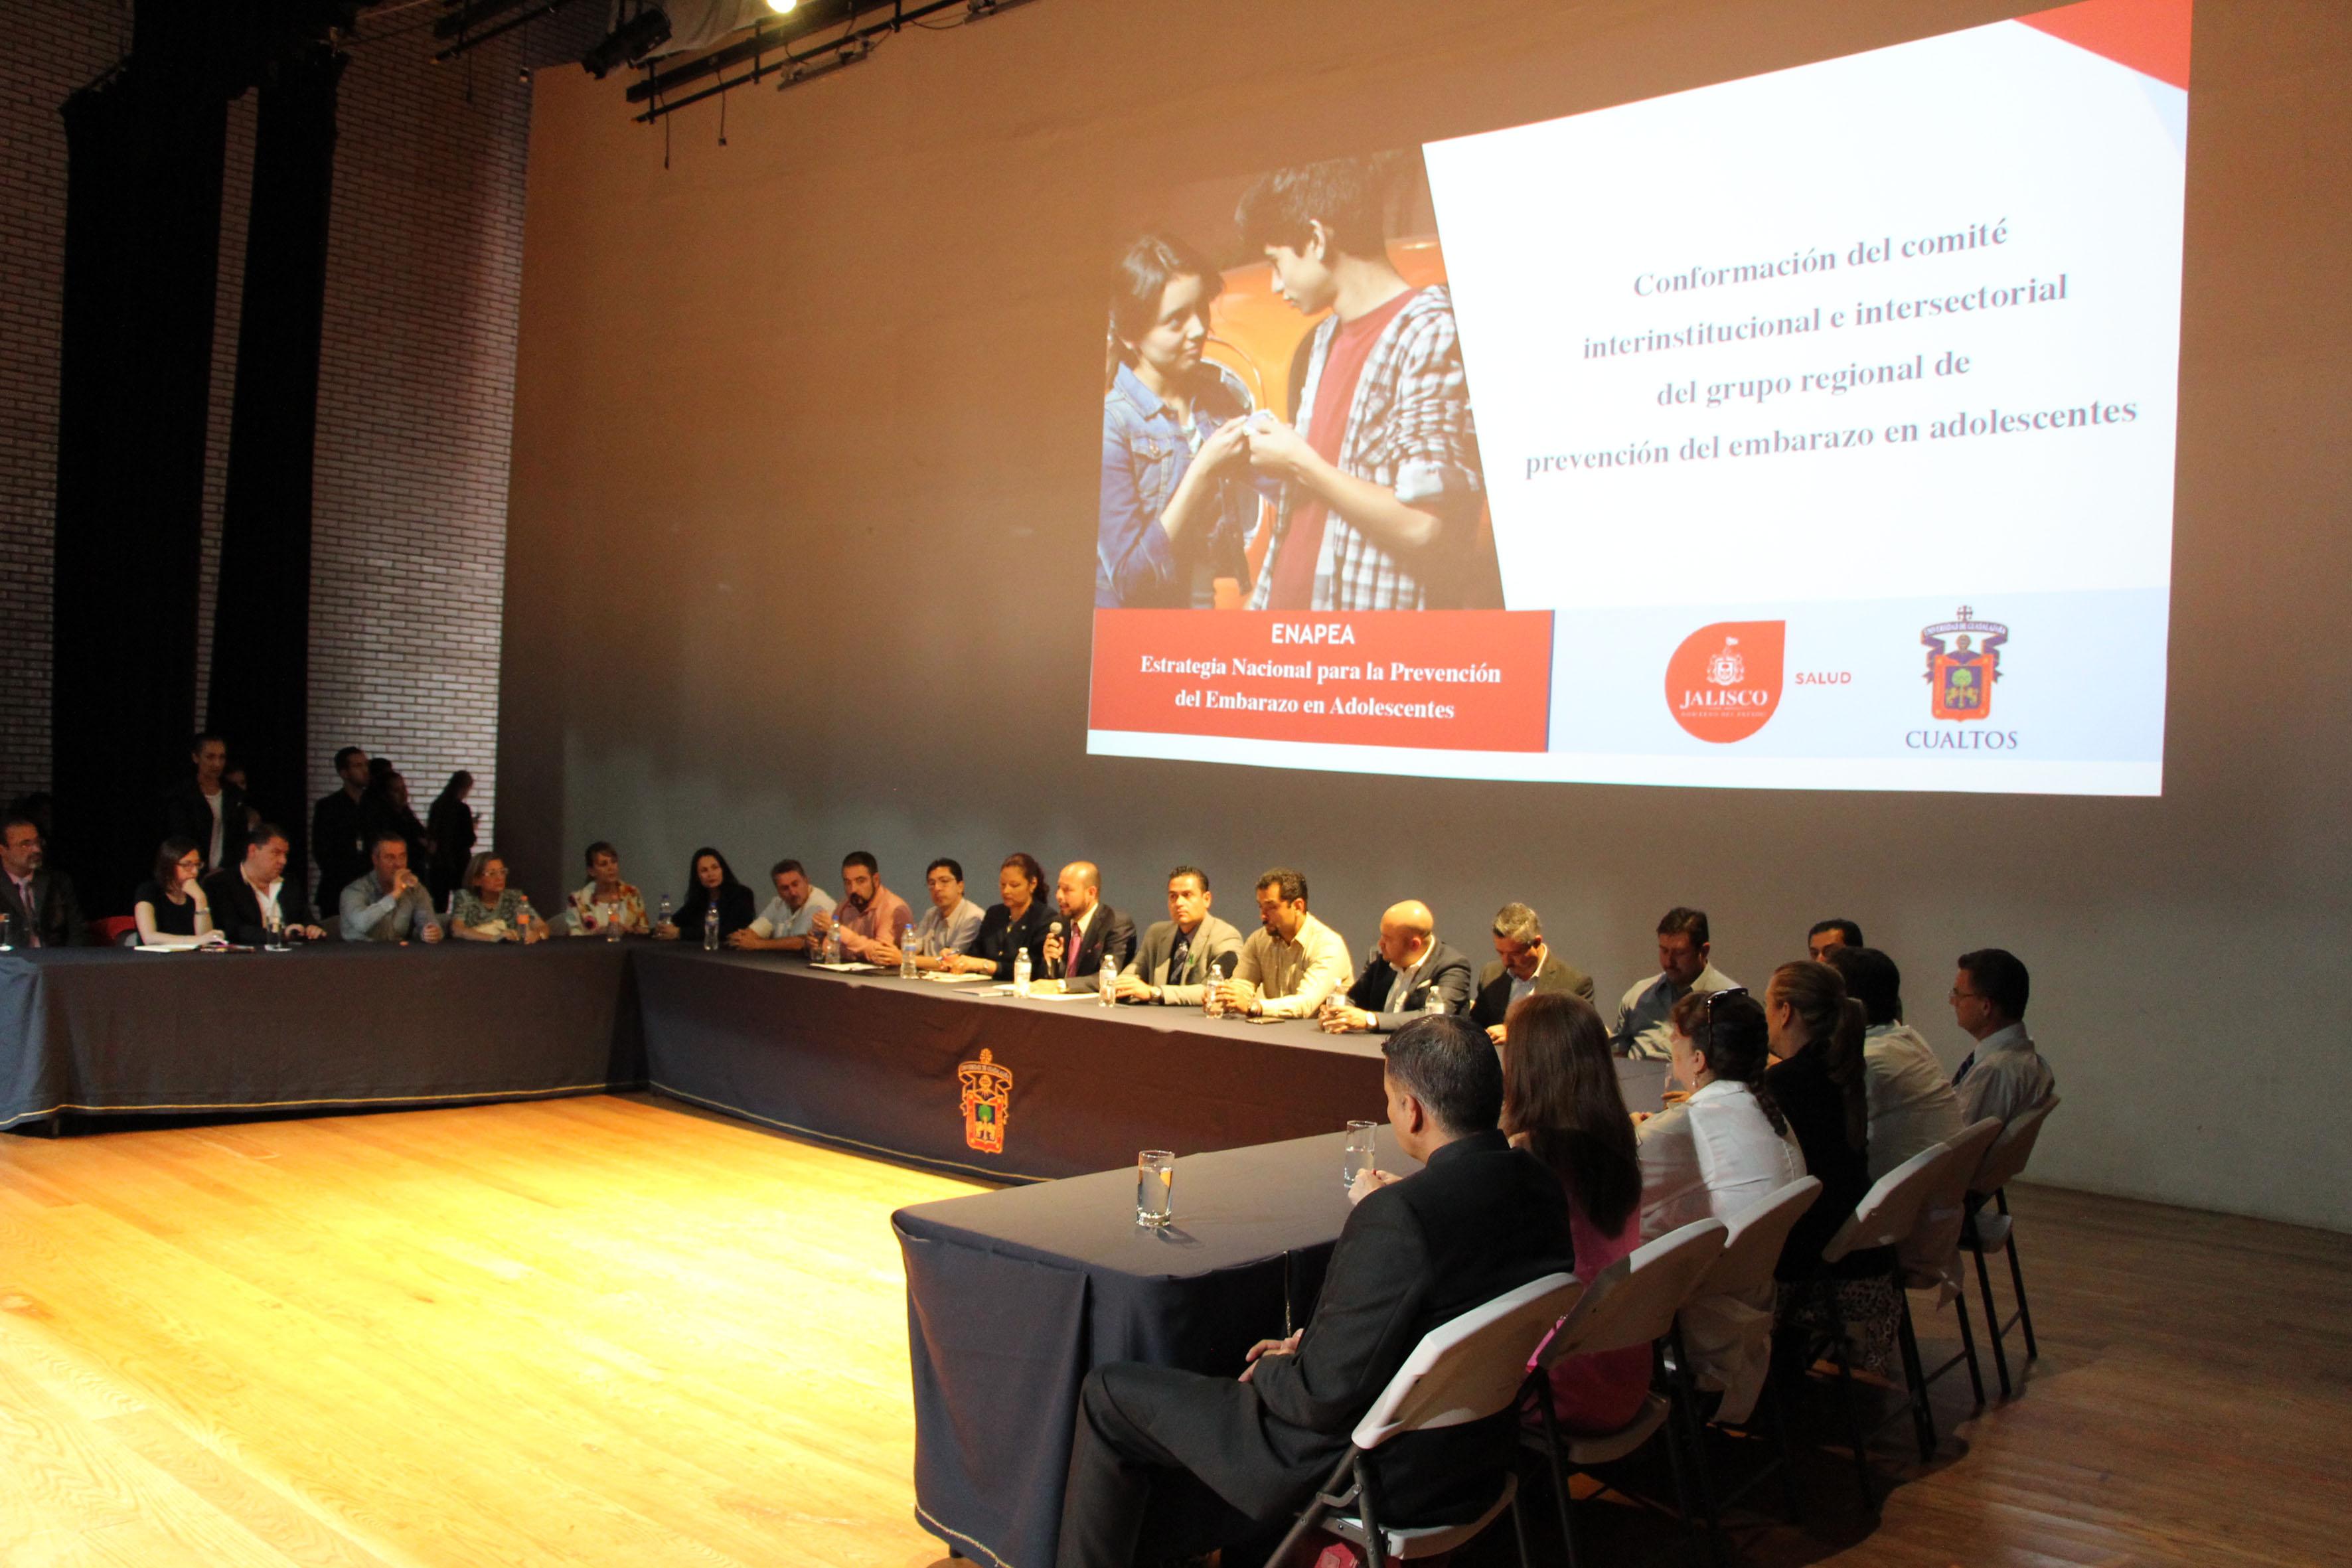 """Conferencia para crear el """"Comité interinstitucional e intersectorial del grupo regional de prevención del embarazo adolescente"""", en las instalaciones del CUAltos"""